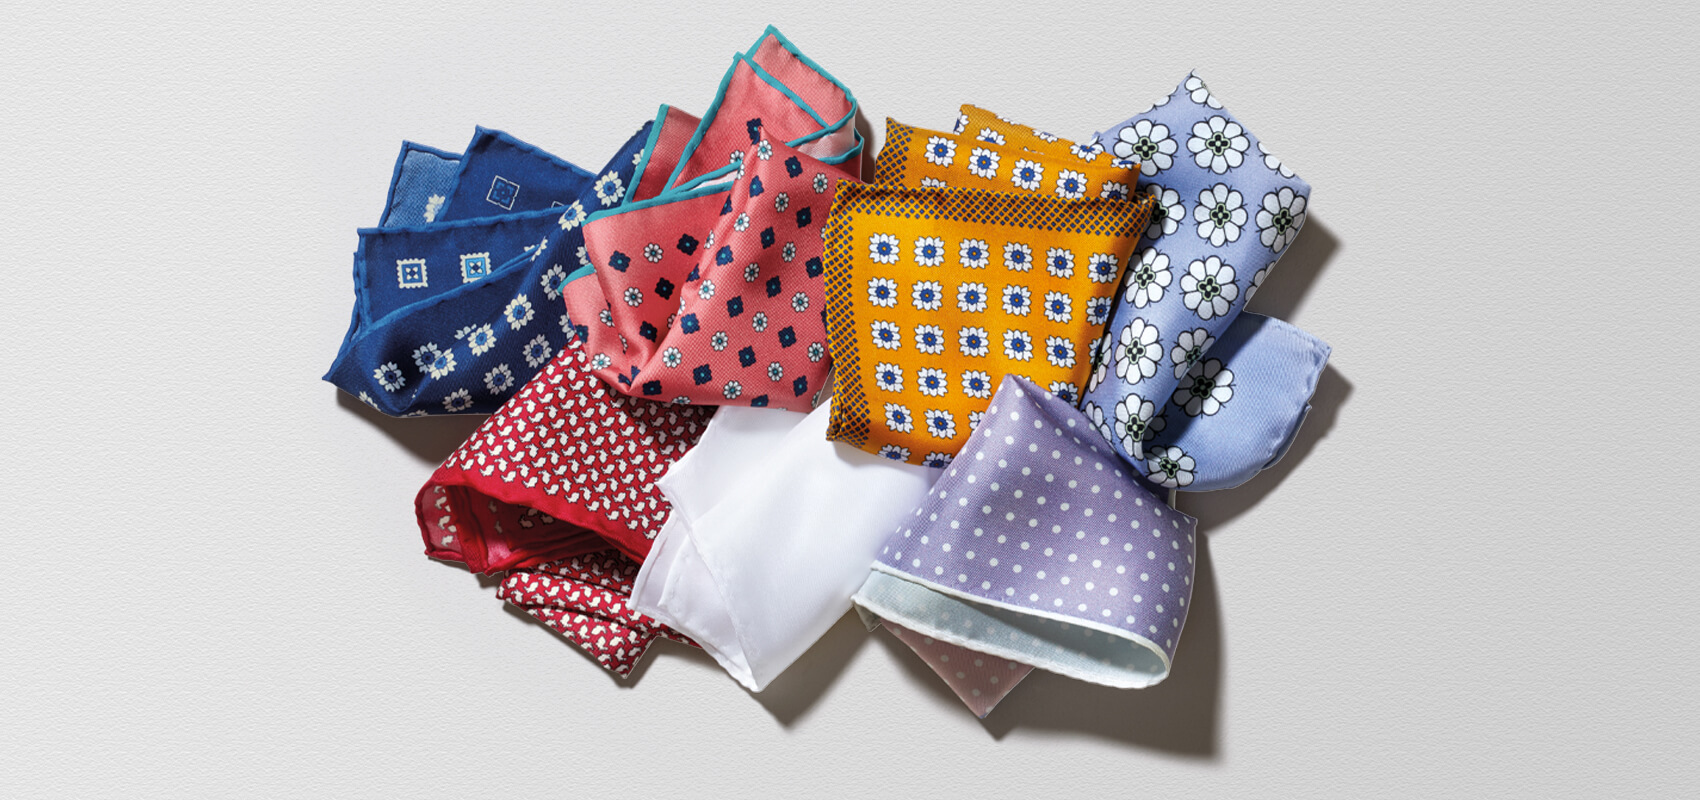 Charles Tyrwhitt Pocket Squares